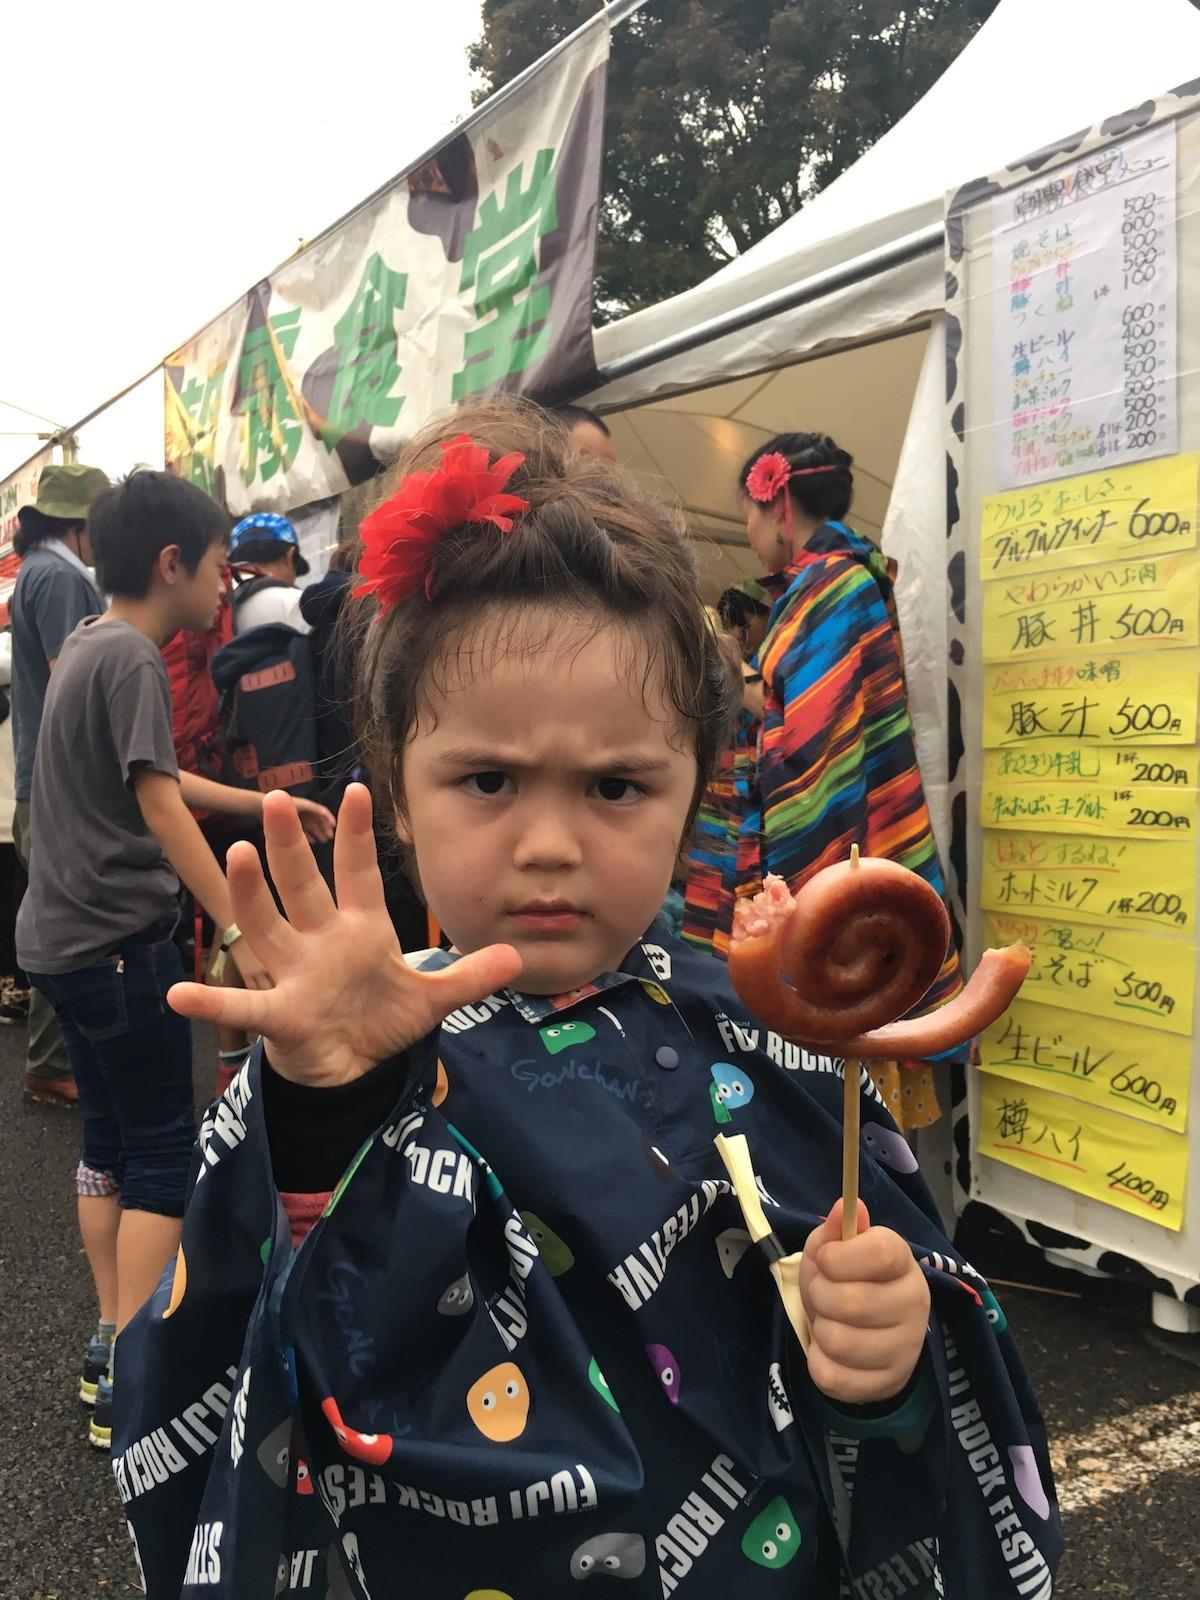 24 【こどもフジロック】朝霧Jam'18子連れフェス体験記〜3歳児とのキャンプ・イン・フェスの過ごし方〜